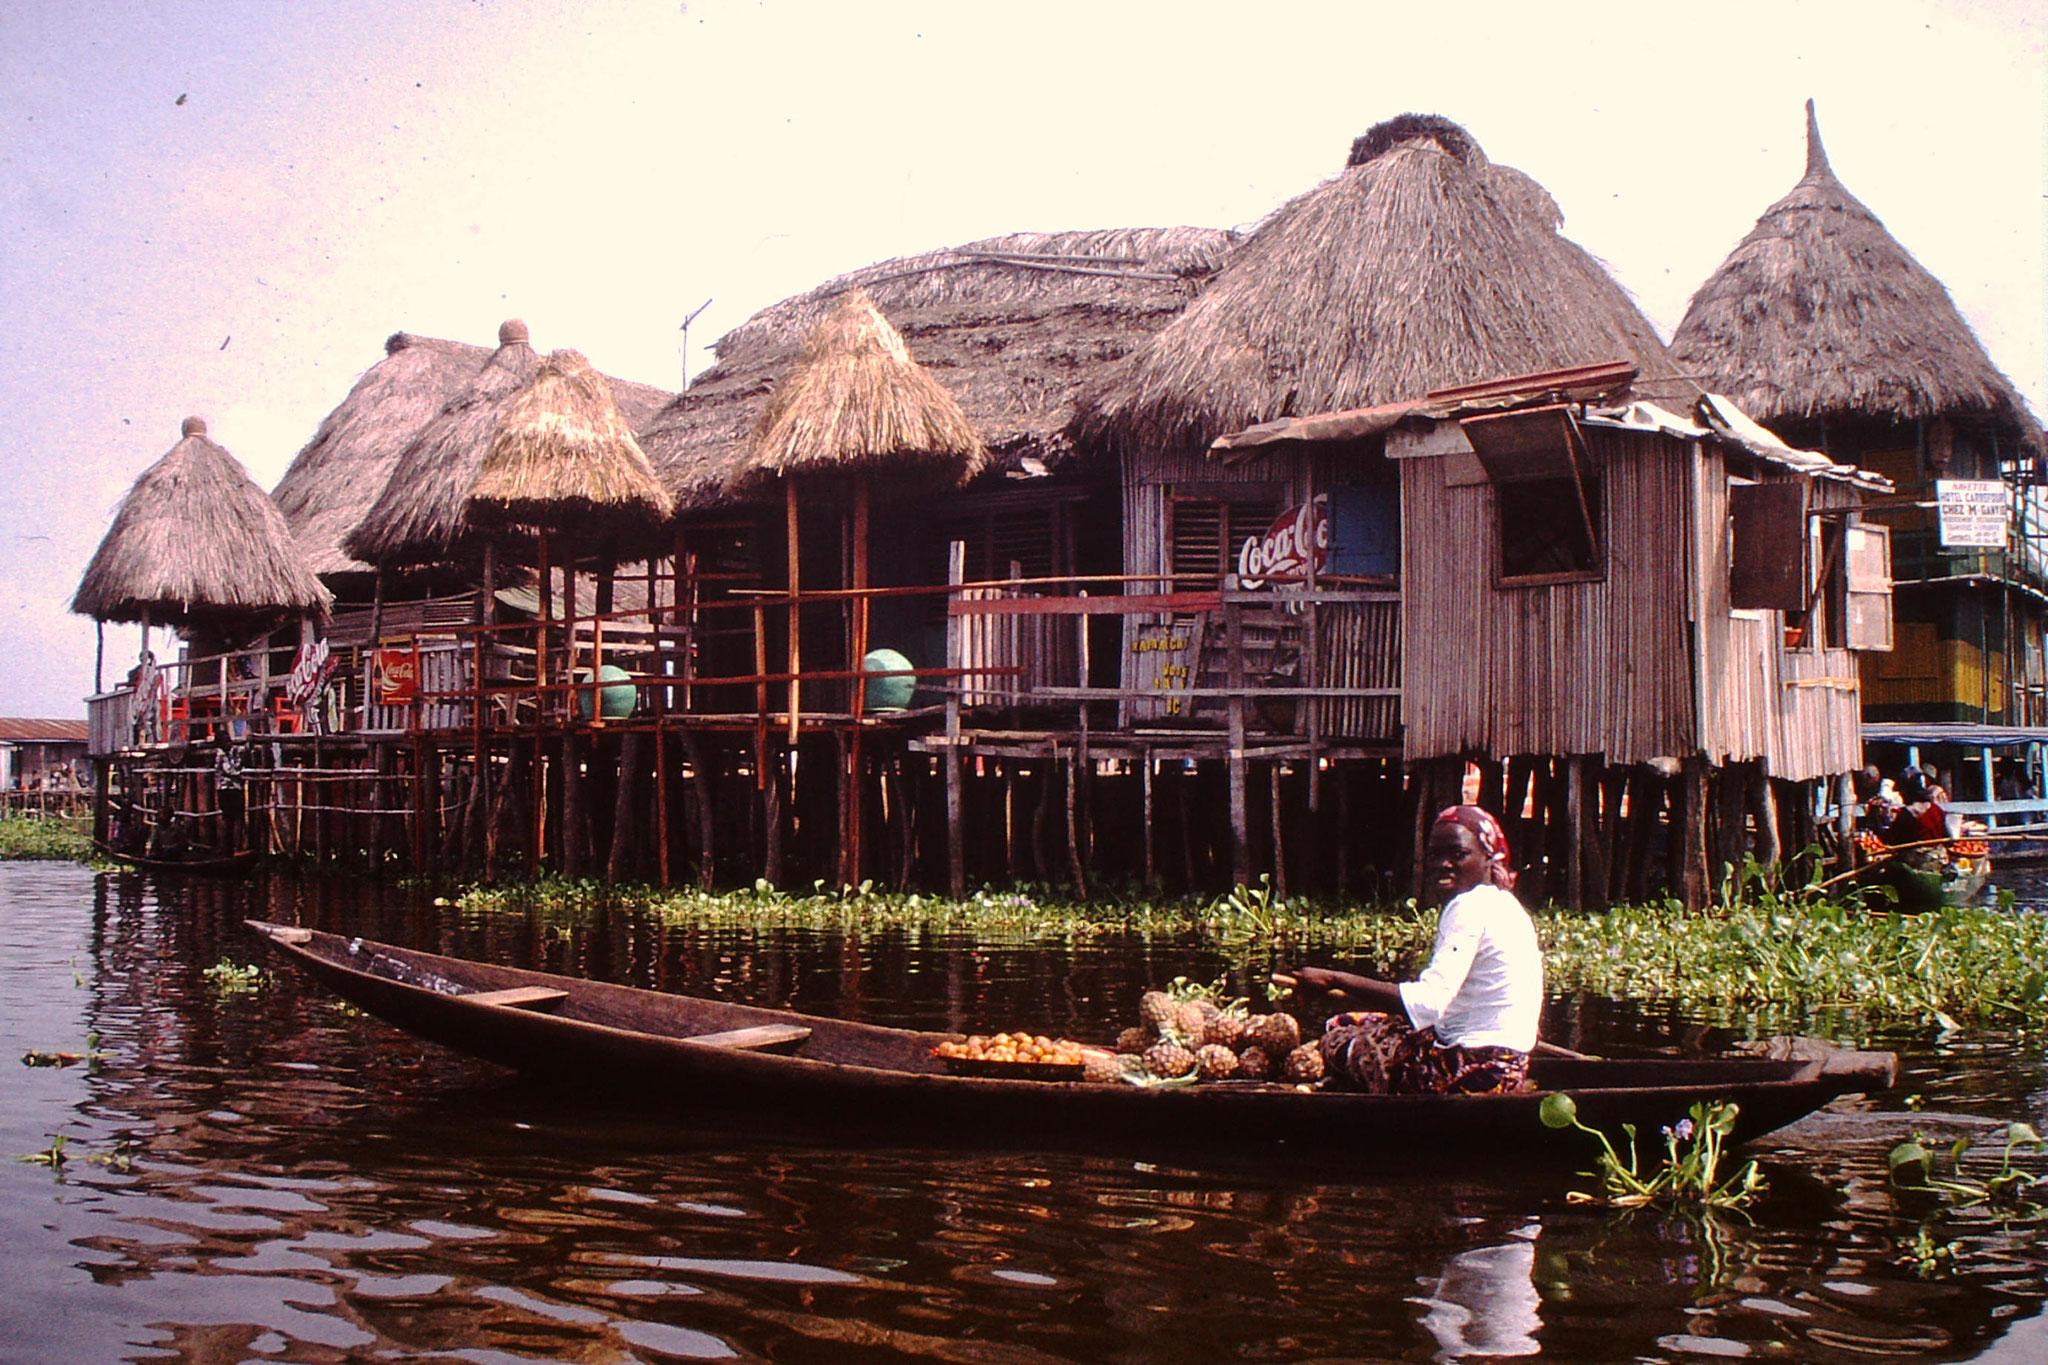 Schwimmender Markt in Ganvie. Sie verkauft Früchte.